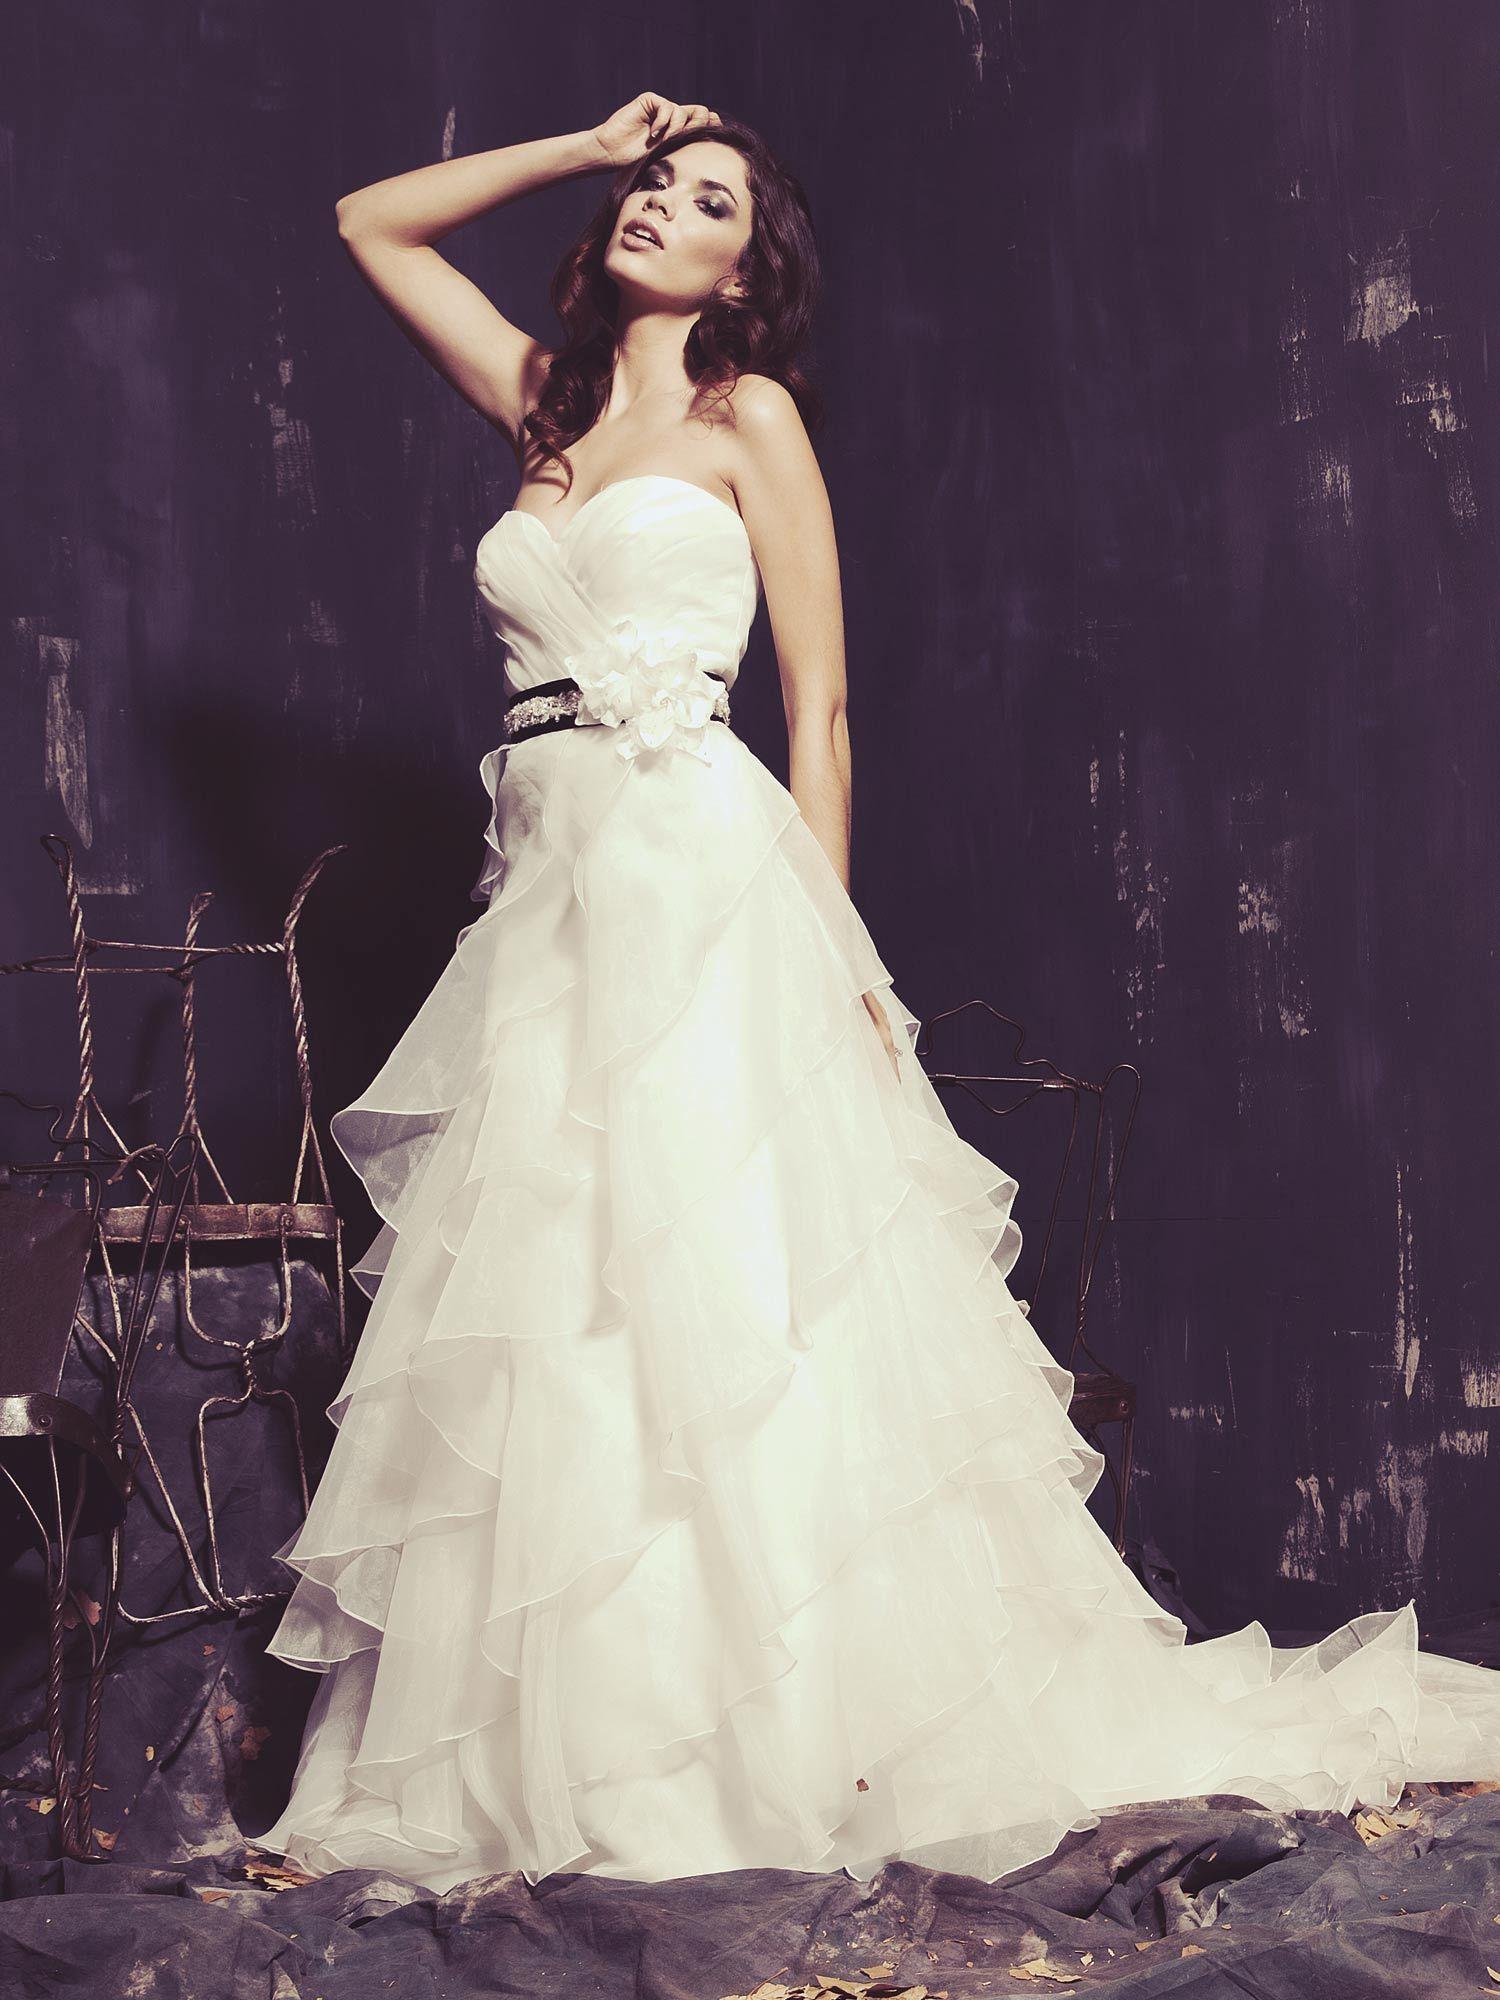 Available At Rebeccau0027s Bridal Boutique North Syracuse, NY  Www.rebeccasbridalboutique.com